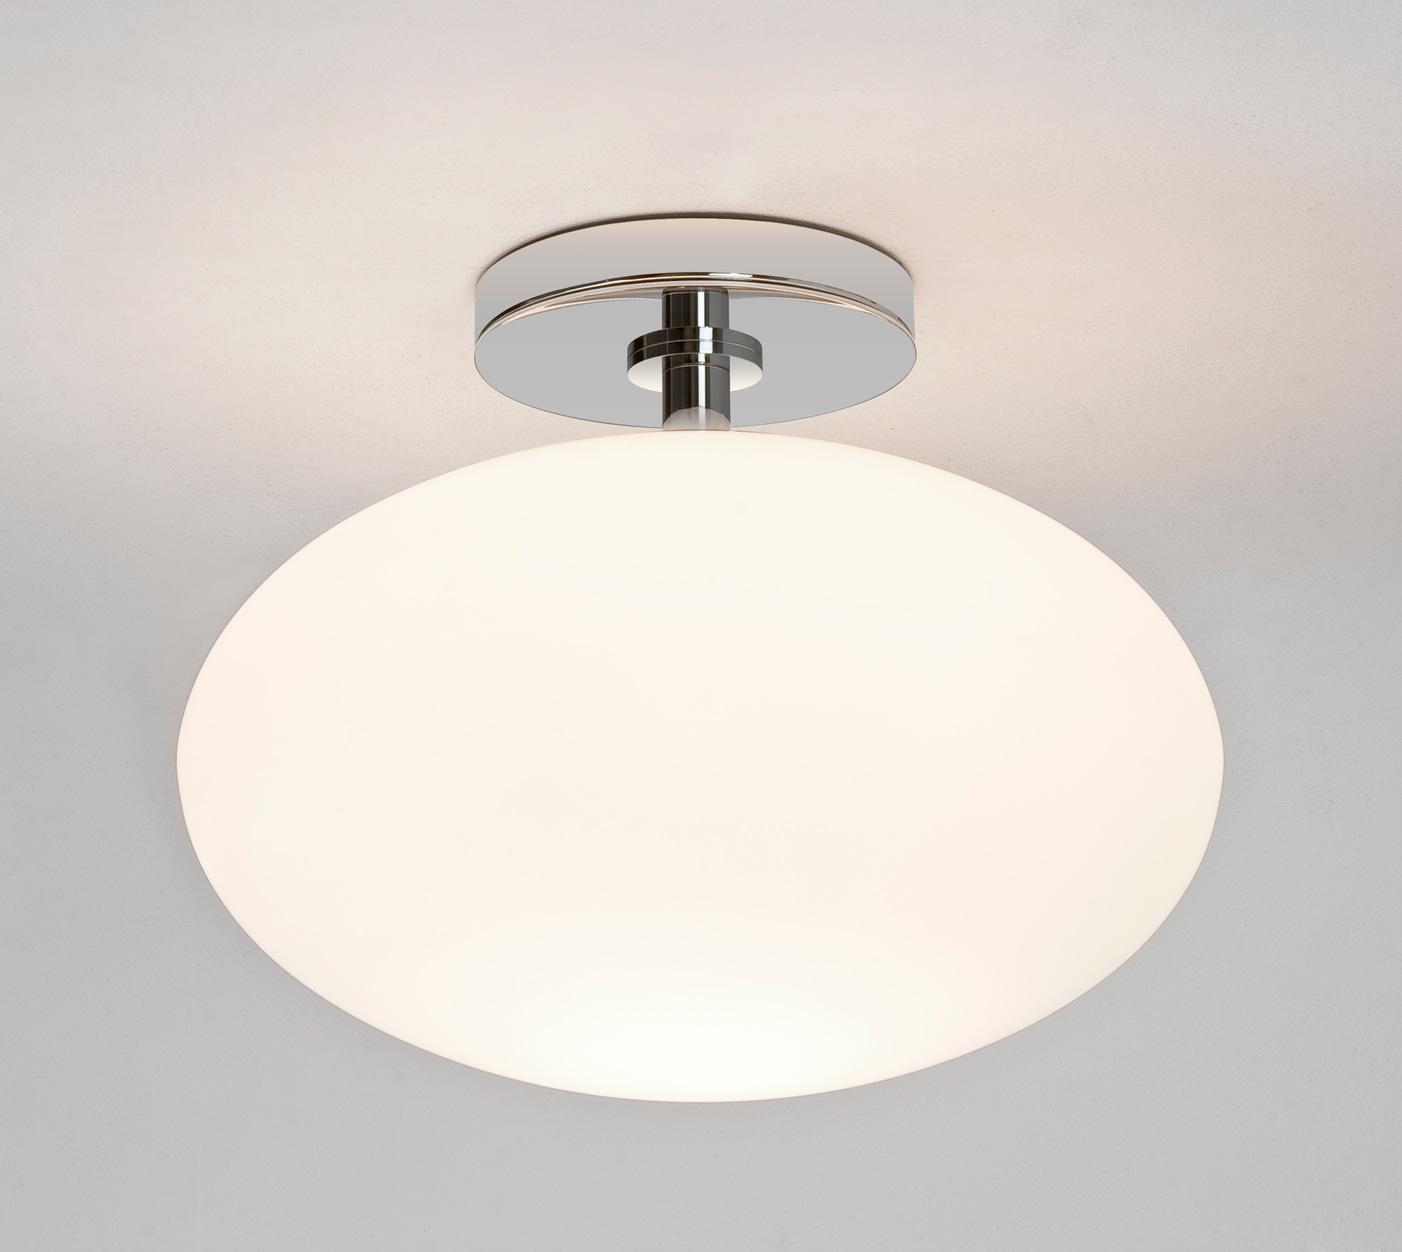 Lampe Badezimmer Decke. Emejing. Und Das Richtige Mit Led. Full Size ...